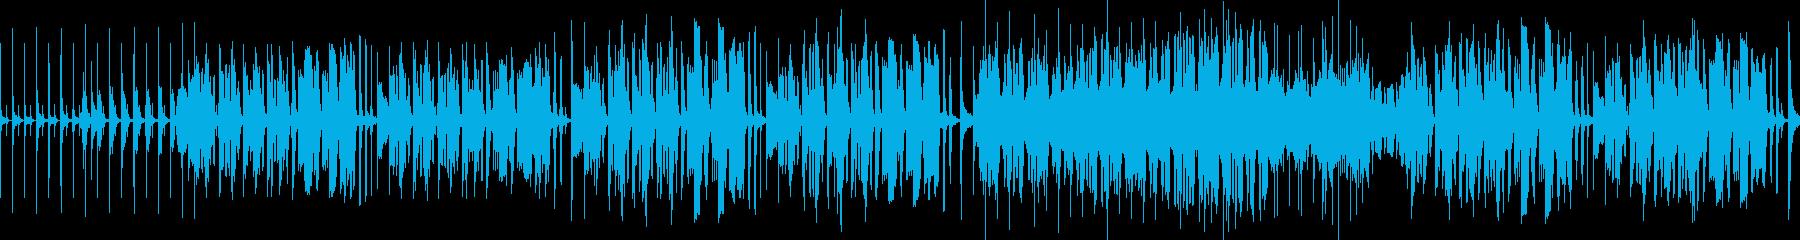 ■マーチ・行進曲・トランペット・ホルン等の再生済みの波形